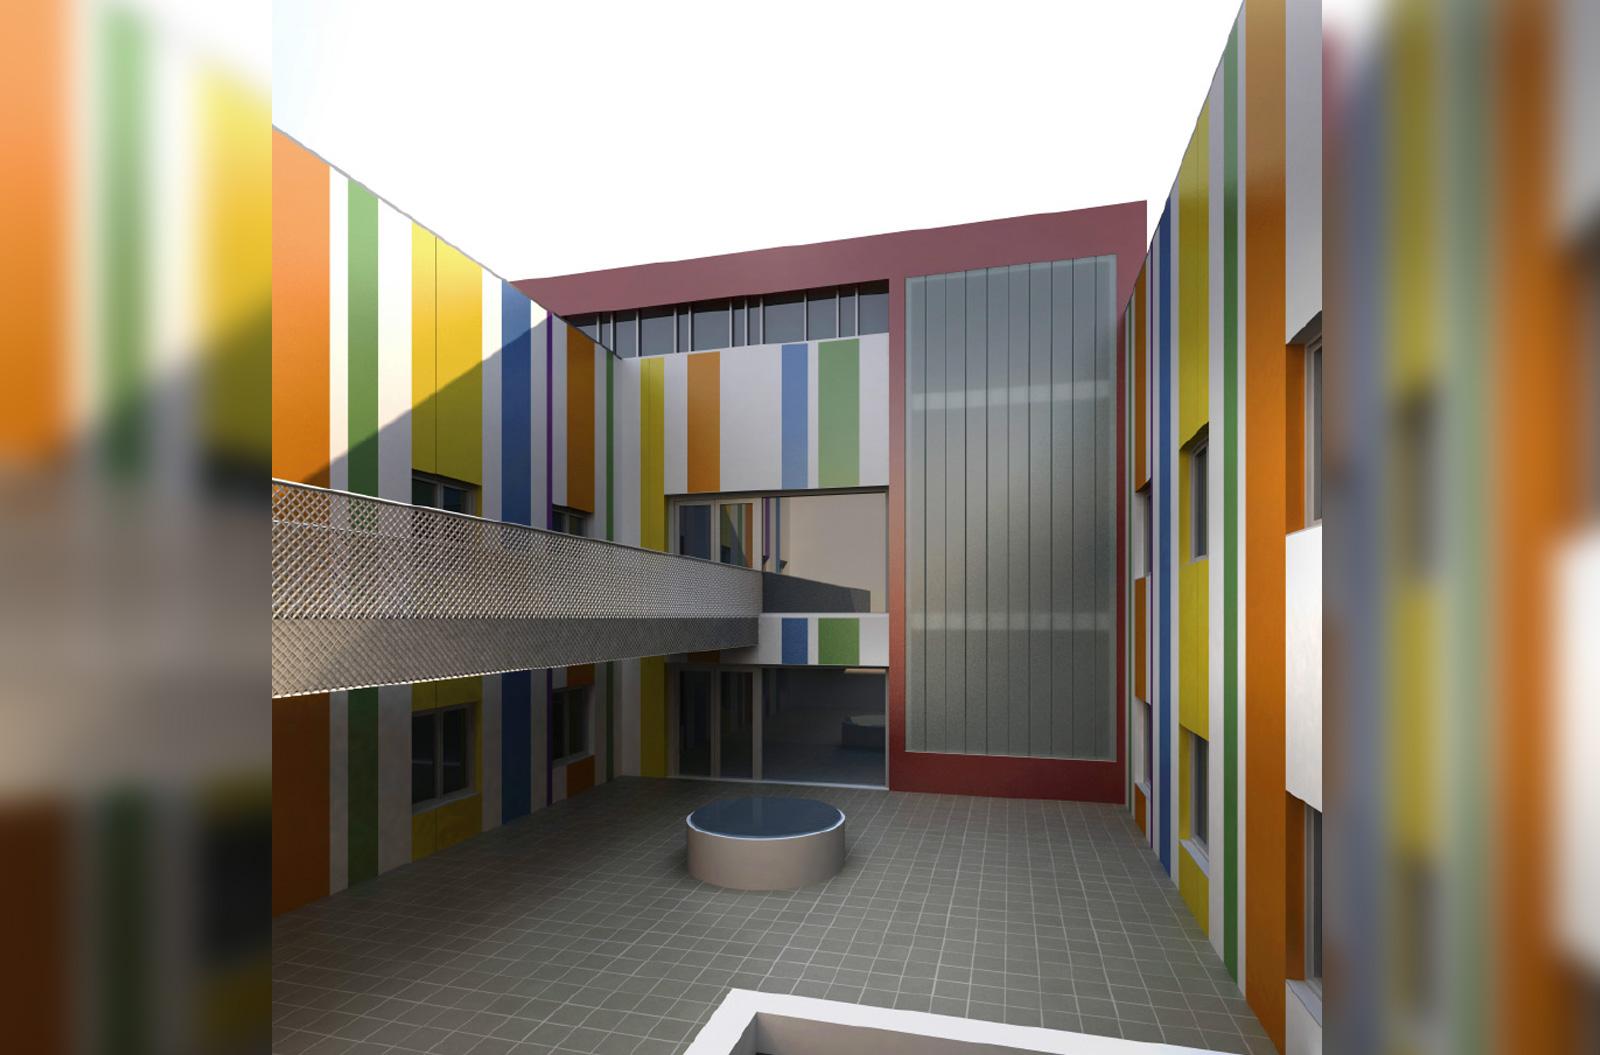 Diseo de interiores upm arquitectos interiores interiores for Arquitectura de interiores upm